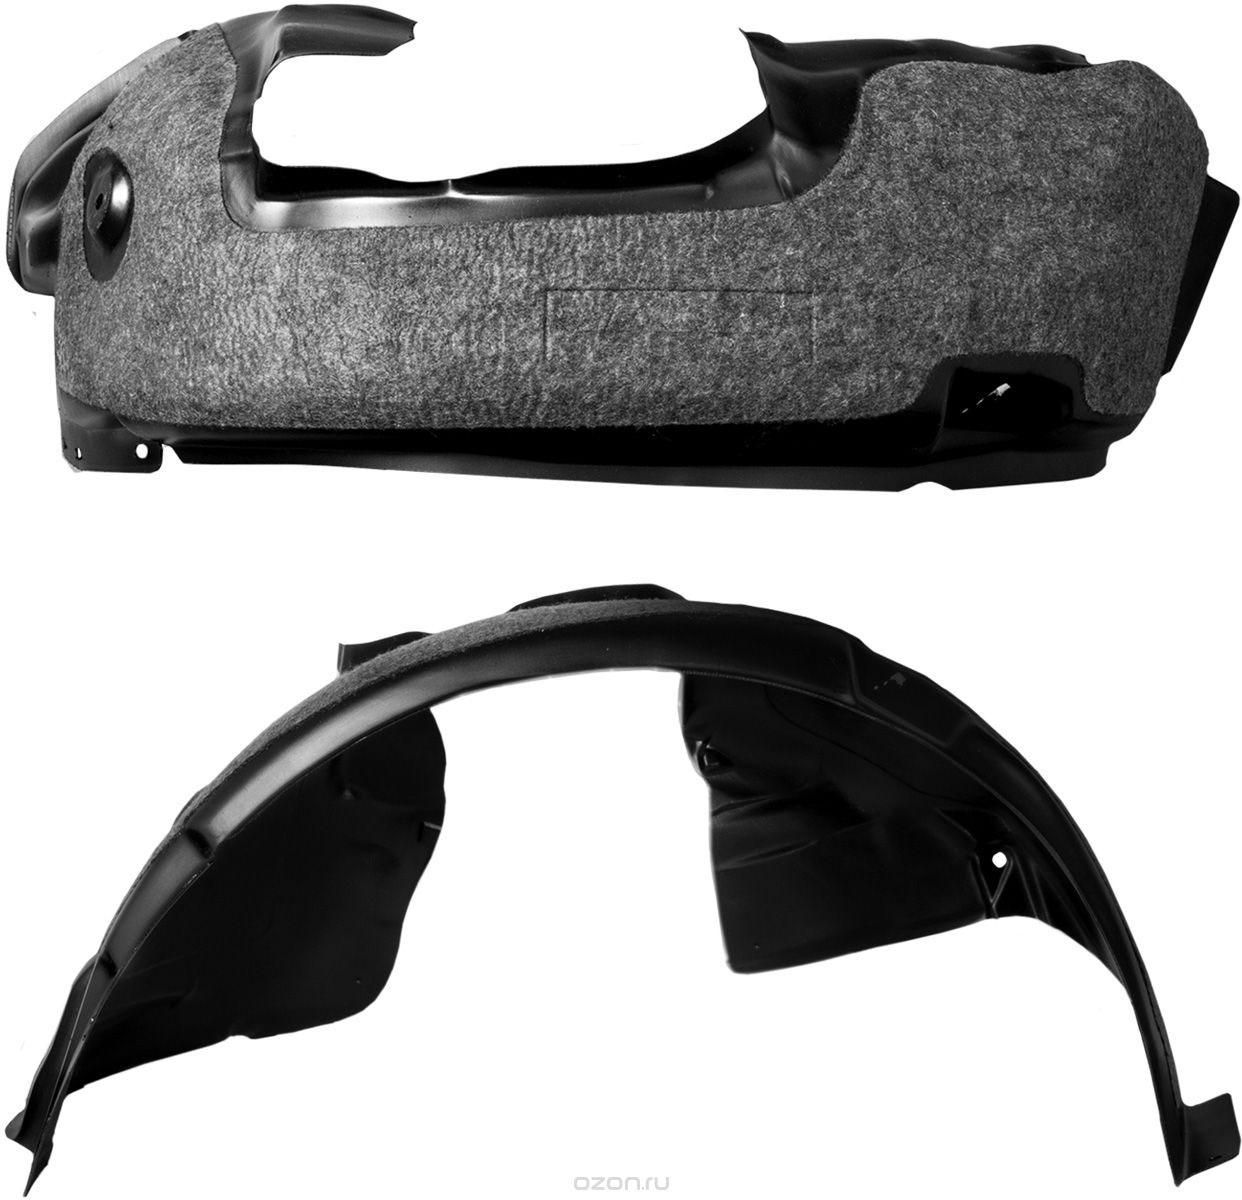 Подкрылок Novline-Autofamily с шумоизоляцией, для Skoda Rapid, 2012->, задний правыйNLS.45.07.004Идеальная защита колесной ниши. Локеры разработаны с применением цифровых технологий, гарантируют максимальную повторяемость поверхности арки. Изделия устанавливаются без нарушения лакокрасочного покрытия автомобиля, каждый подкрылок комплектуется крепежом. Уважаемые клиенты, обращаем ваше внимание, что фотографии на подкрылки универсальные и не отражают реальную форму изделия. При этом само изделие идет точно под размер указанного автомобиля.